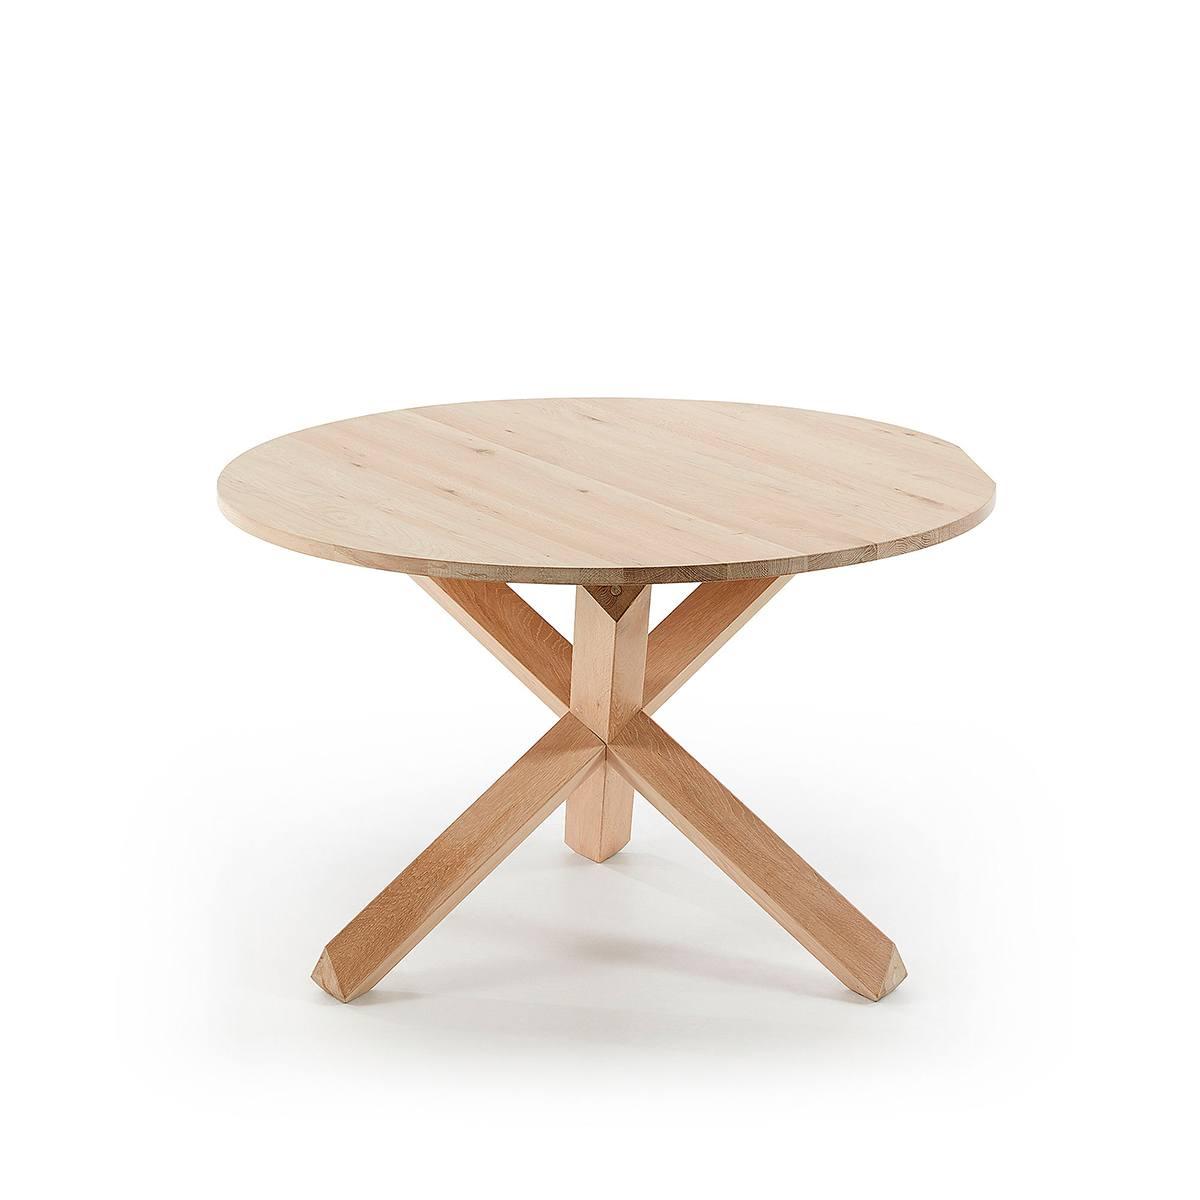 Mesa comedor redonda roble - Artikalia - Comprar mesas de ...